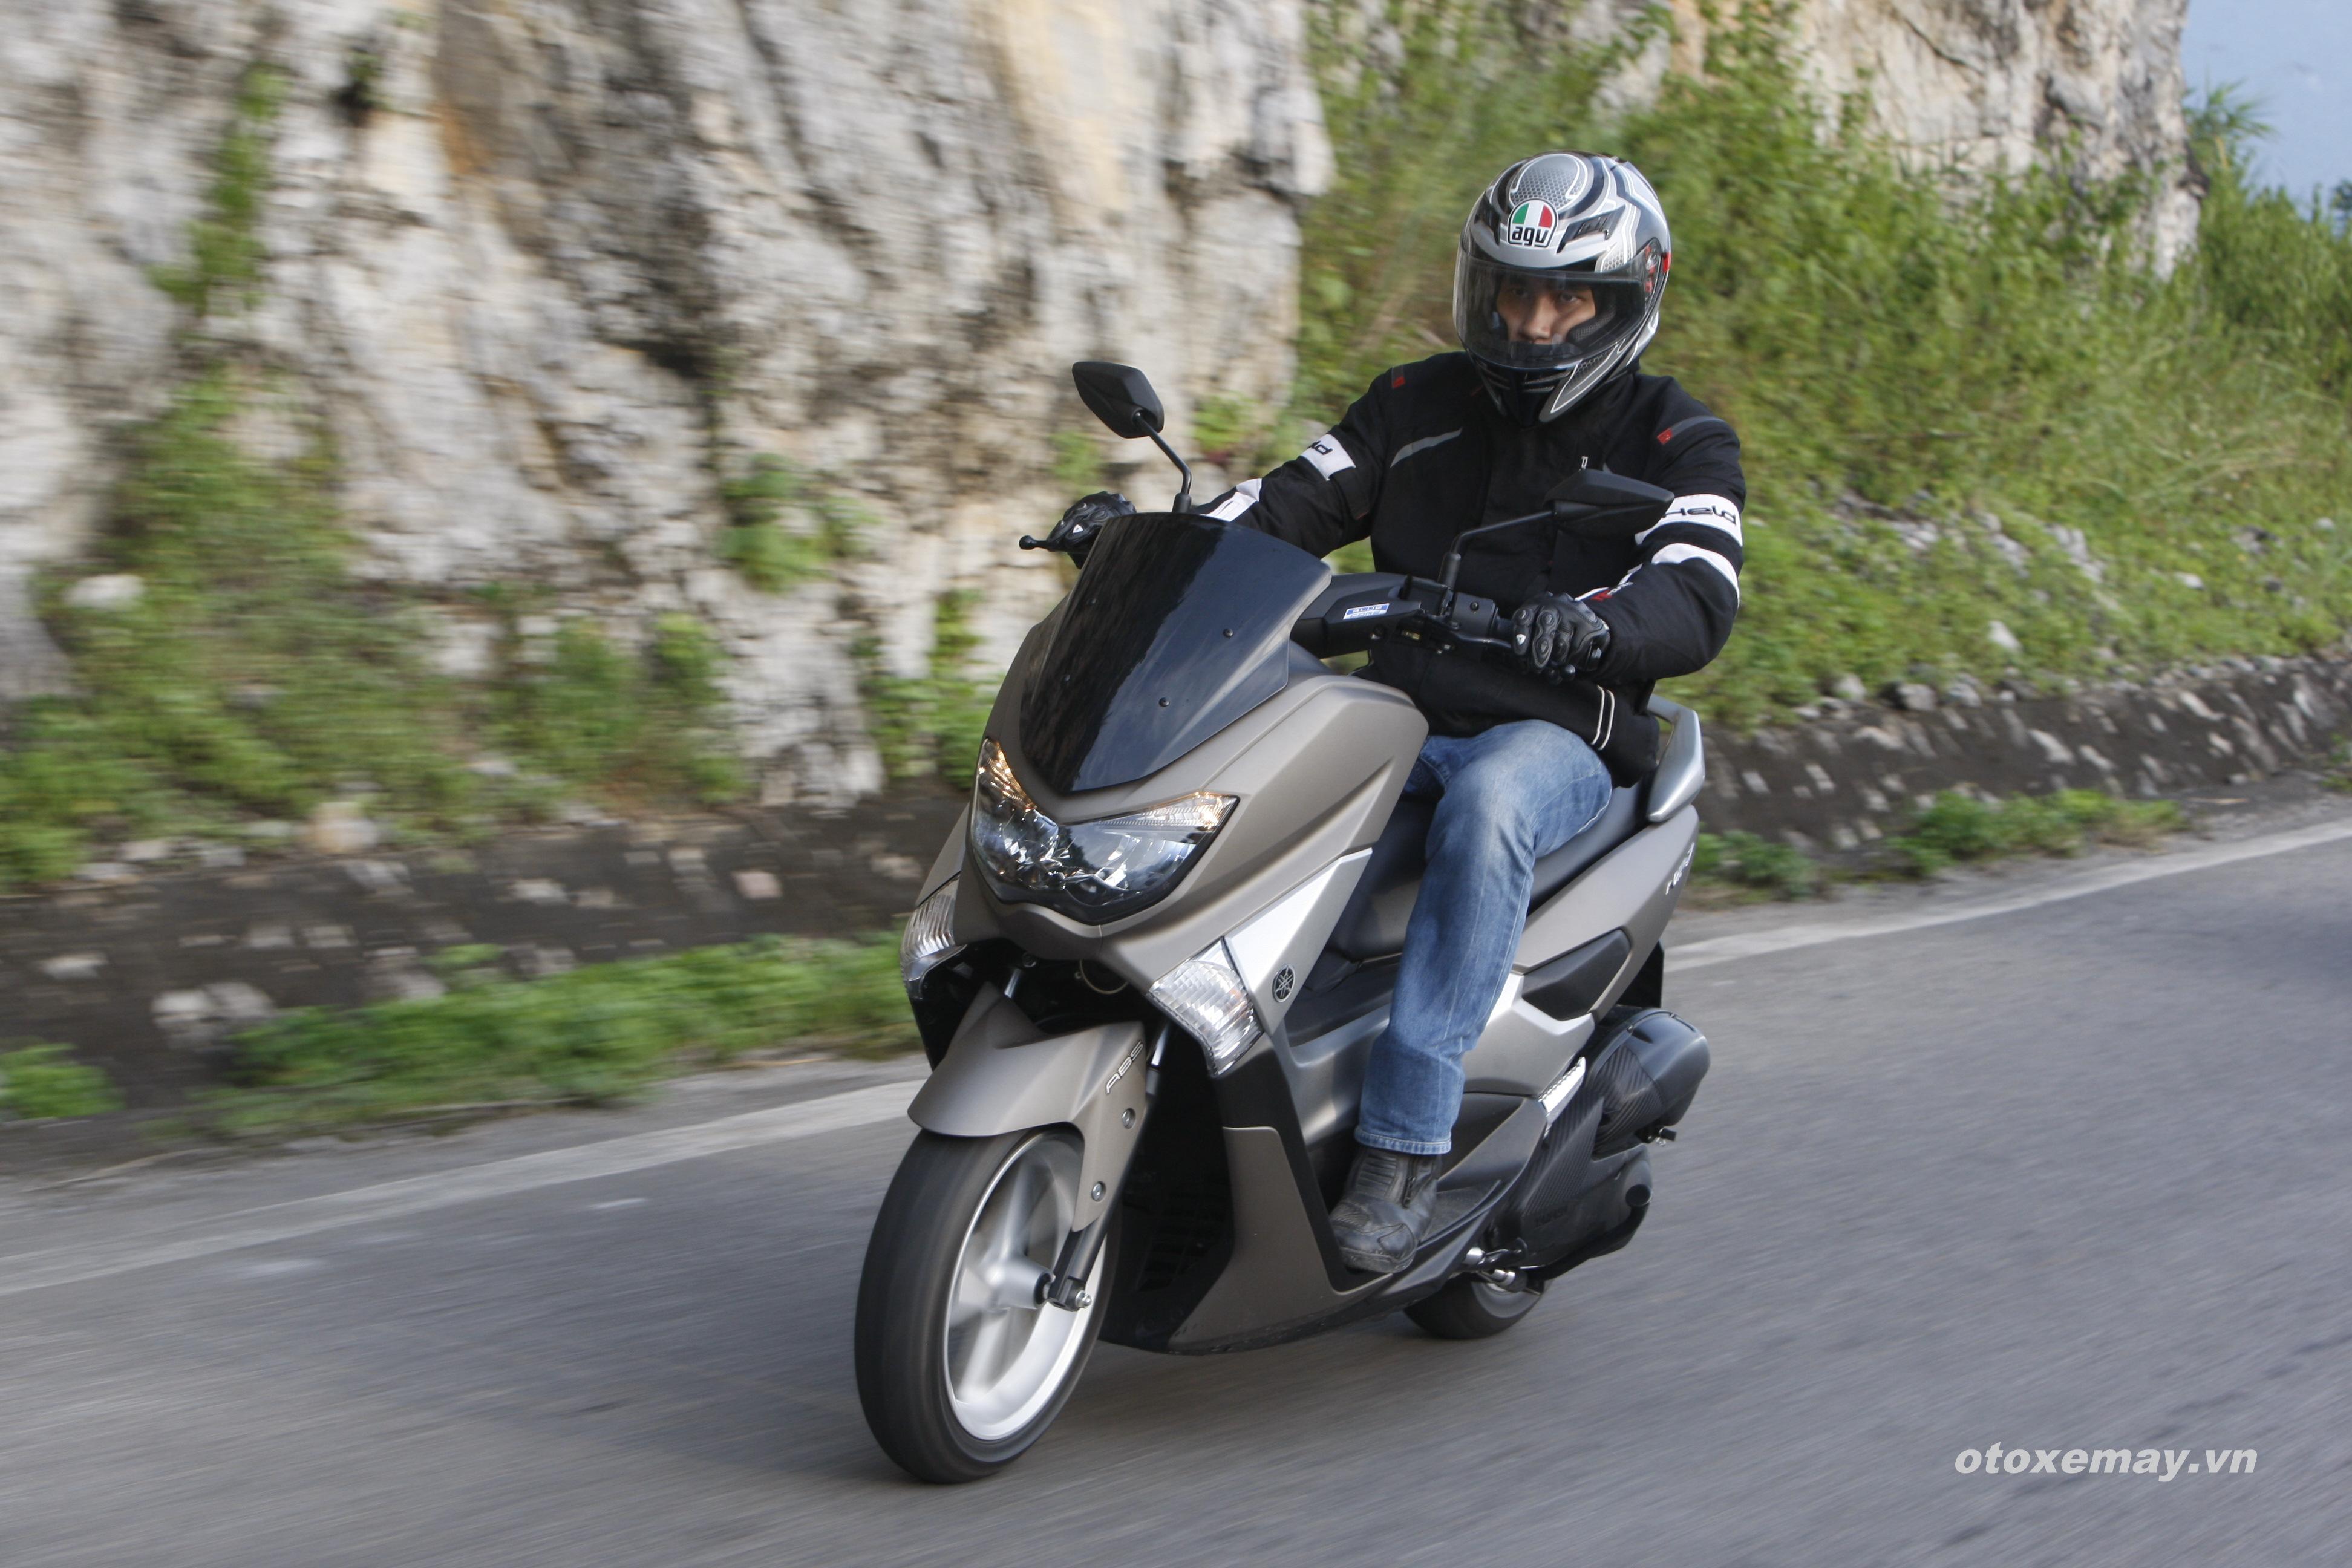 Yamaha NM-X: chiếc xe ga đường trường trẻ16